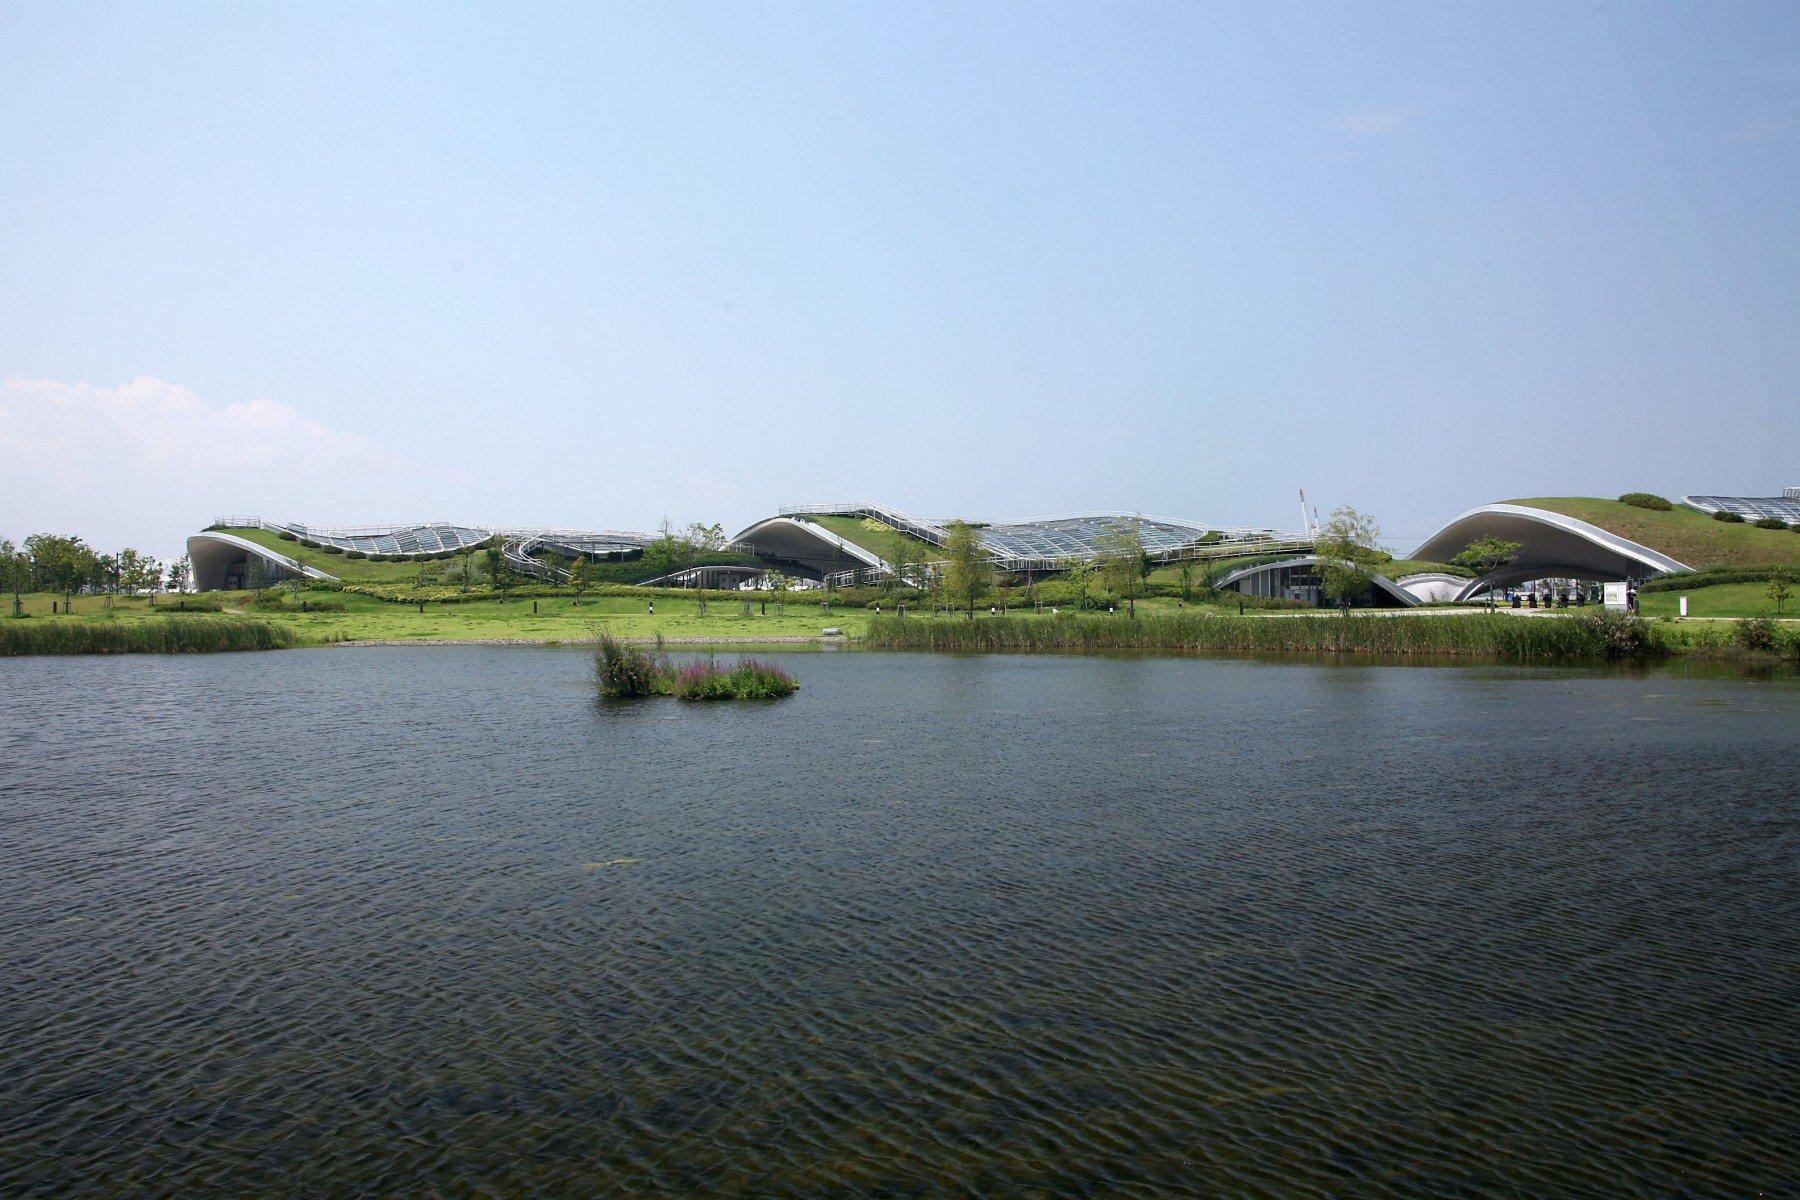 アイランドシティ・ぐりんぐりん(2007)の画像